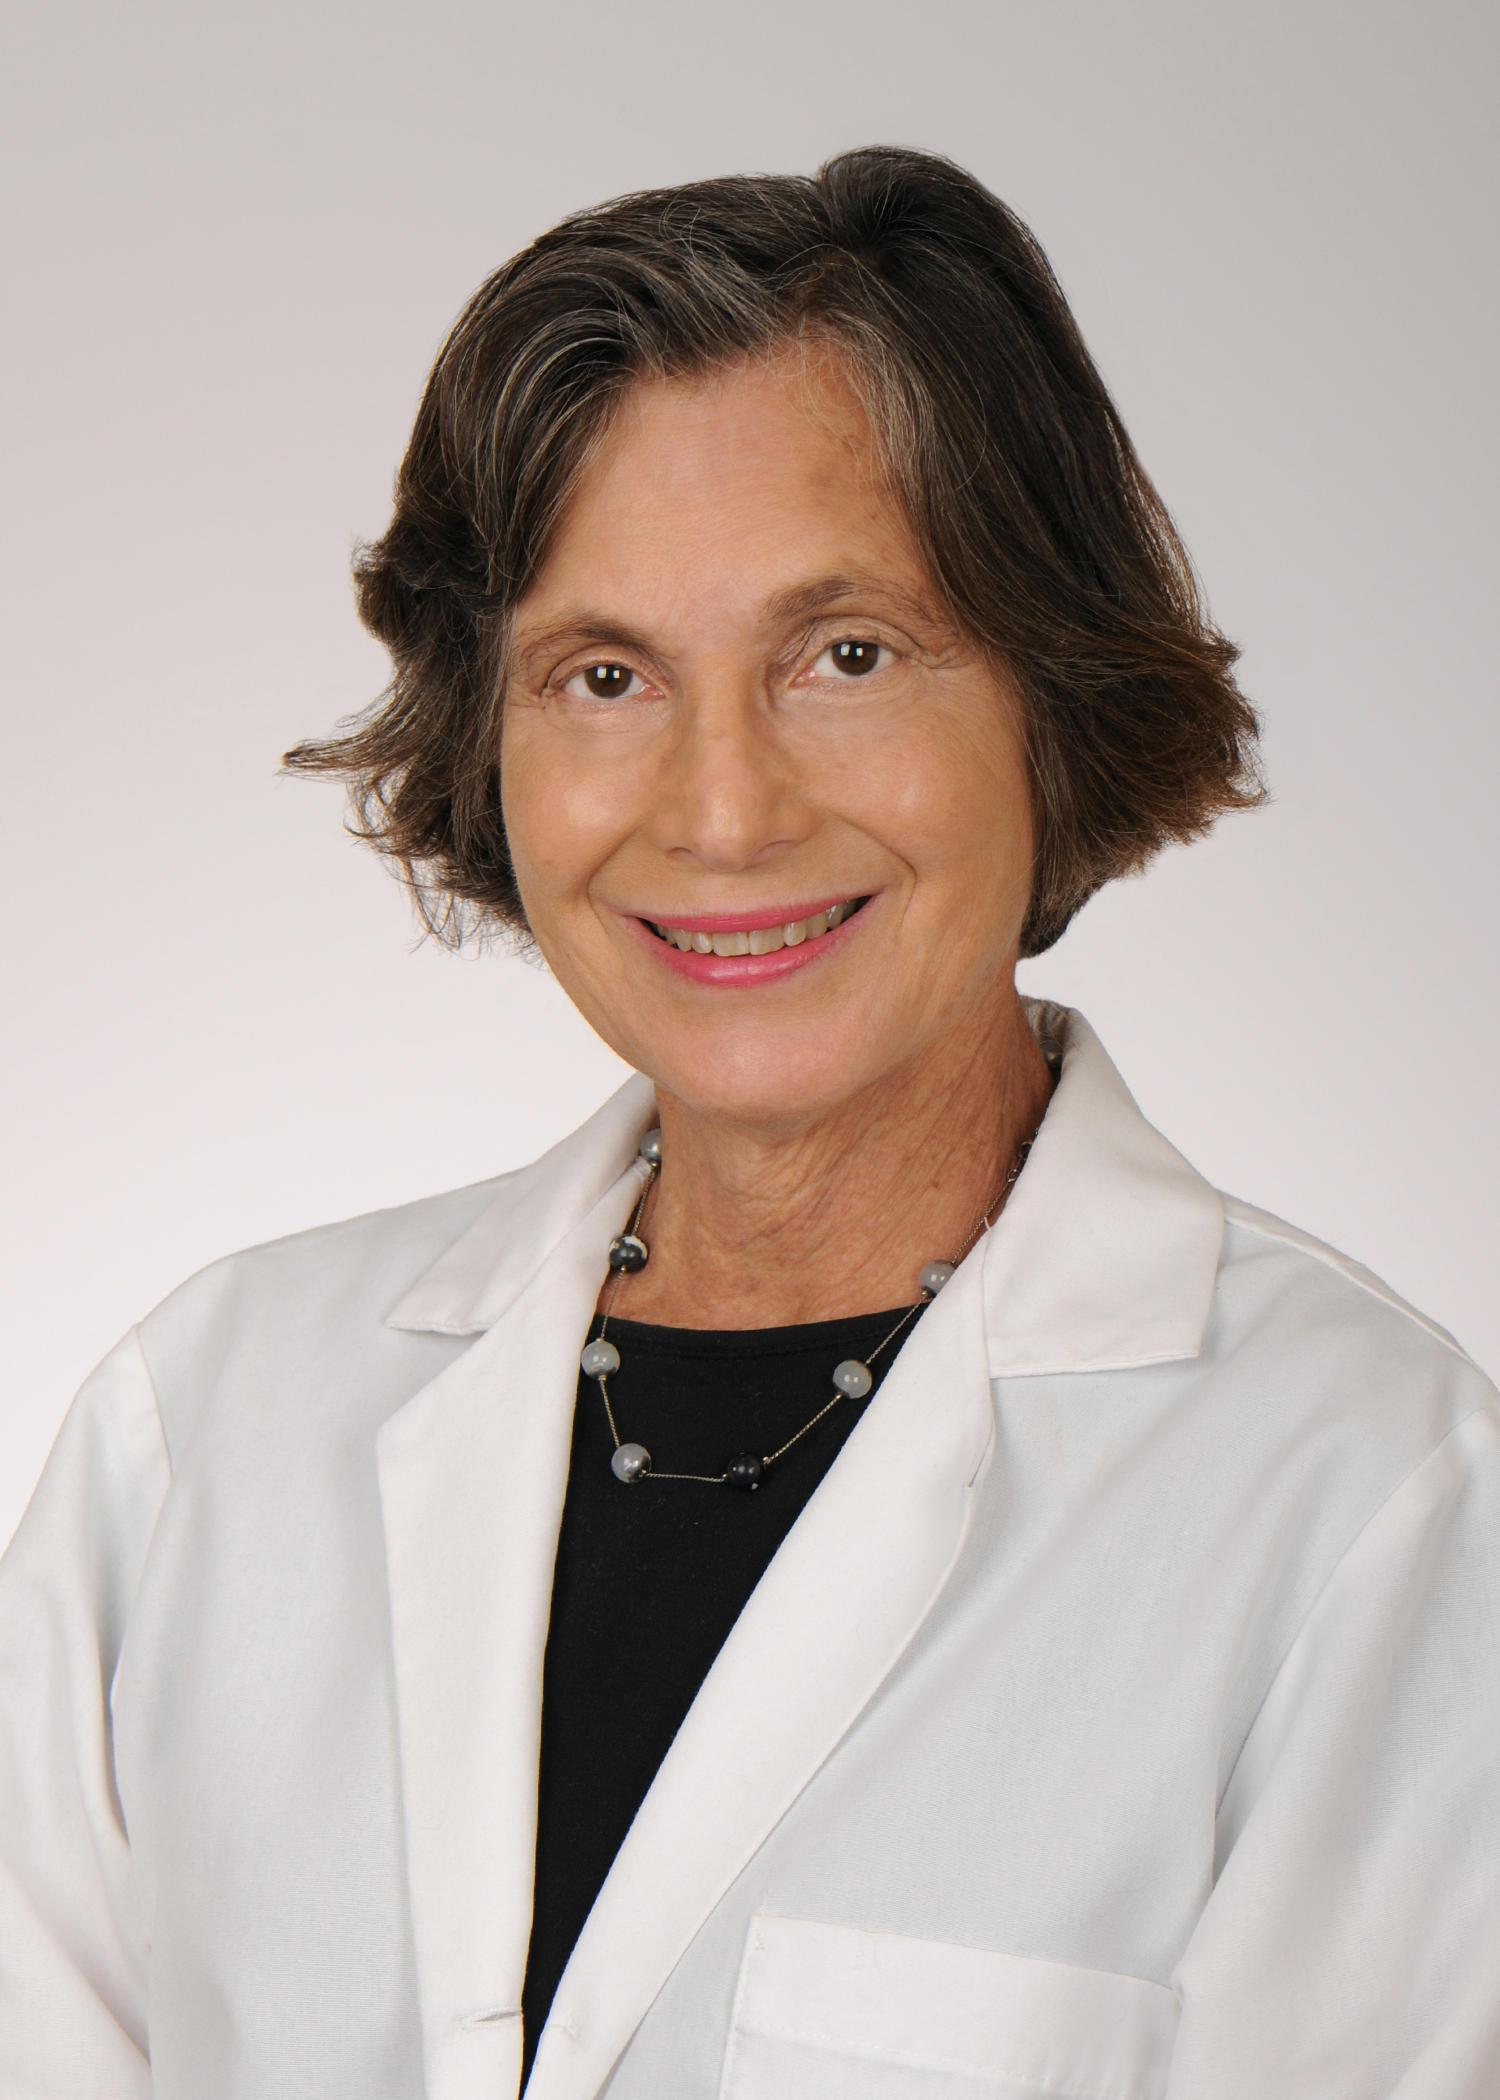 Karen M Ullian MD